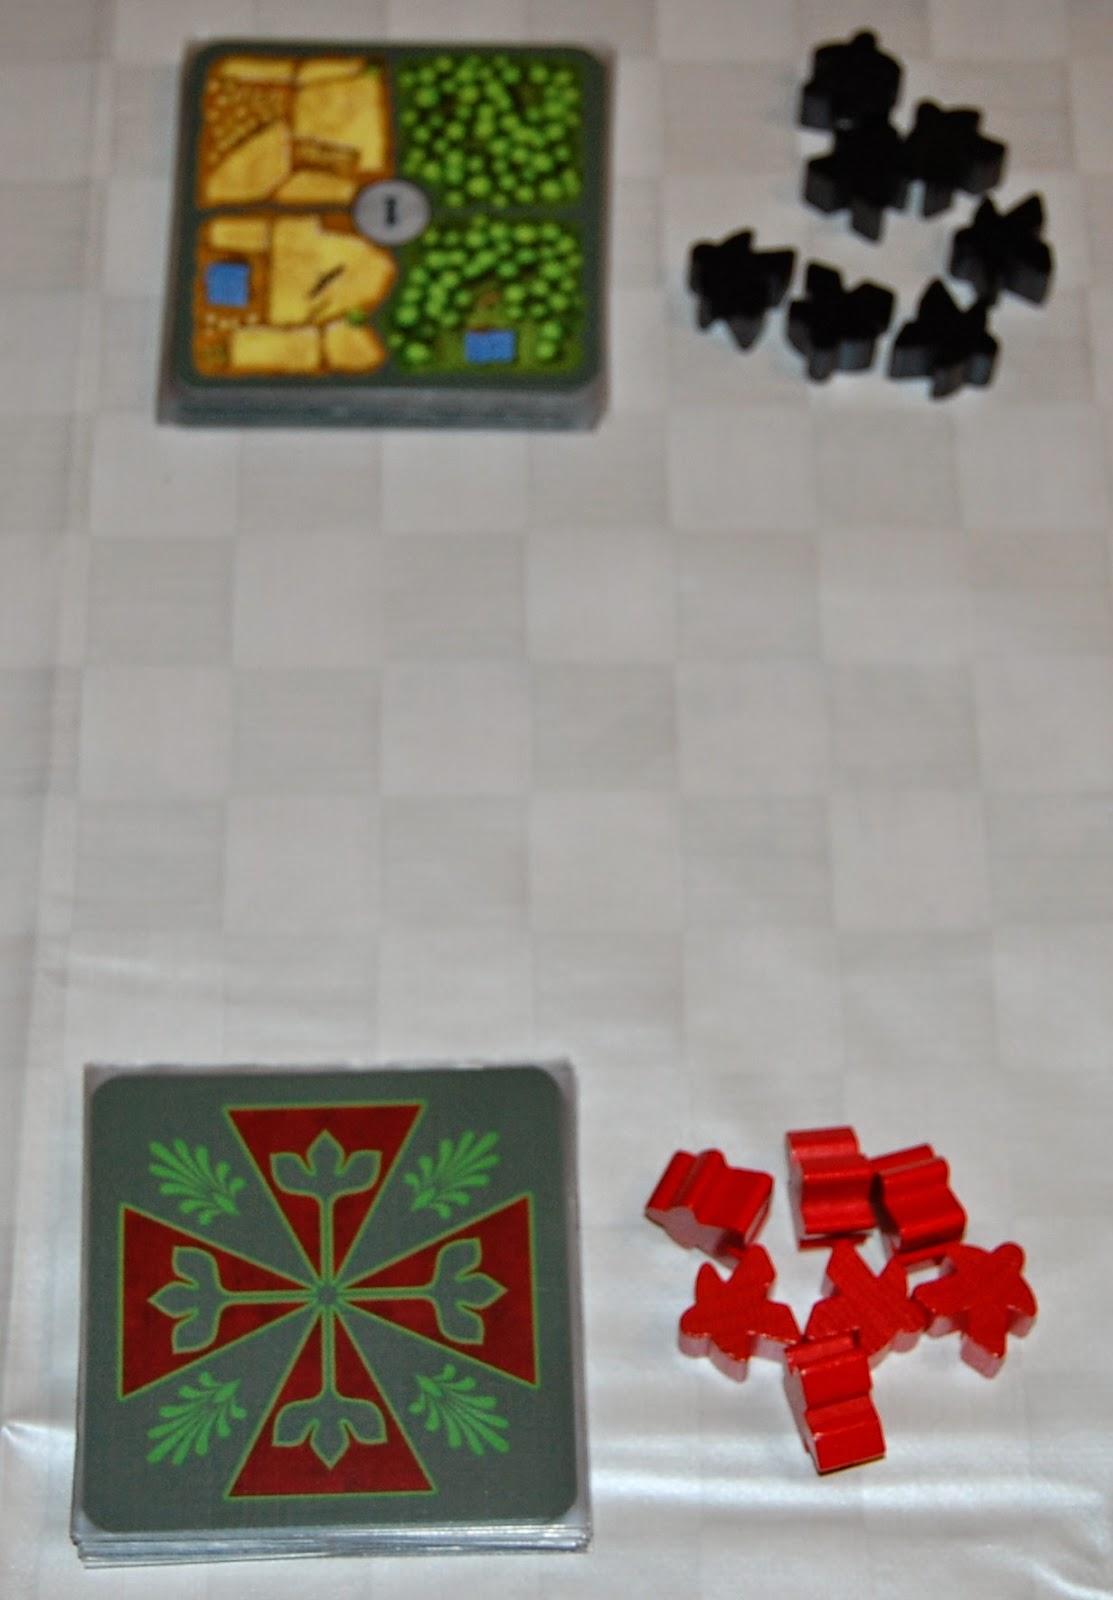 Preparación de la partida para 2 jugadores